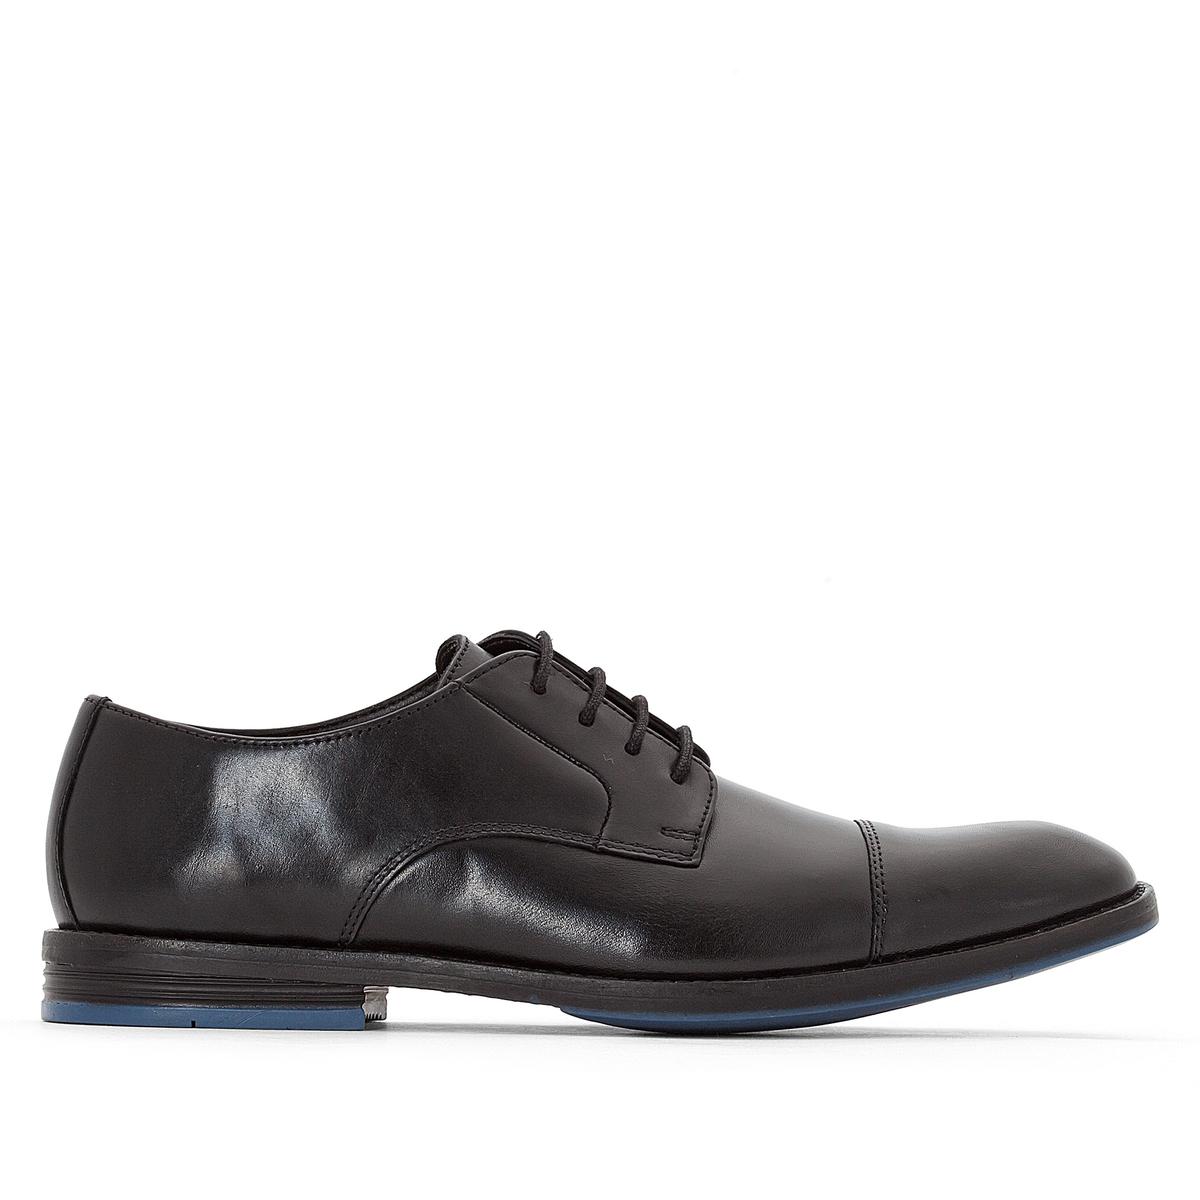 Ботинки-оксфорды кожаные Prangley Cap